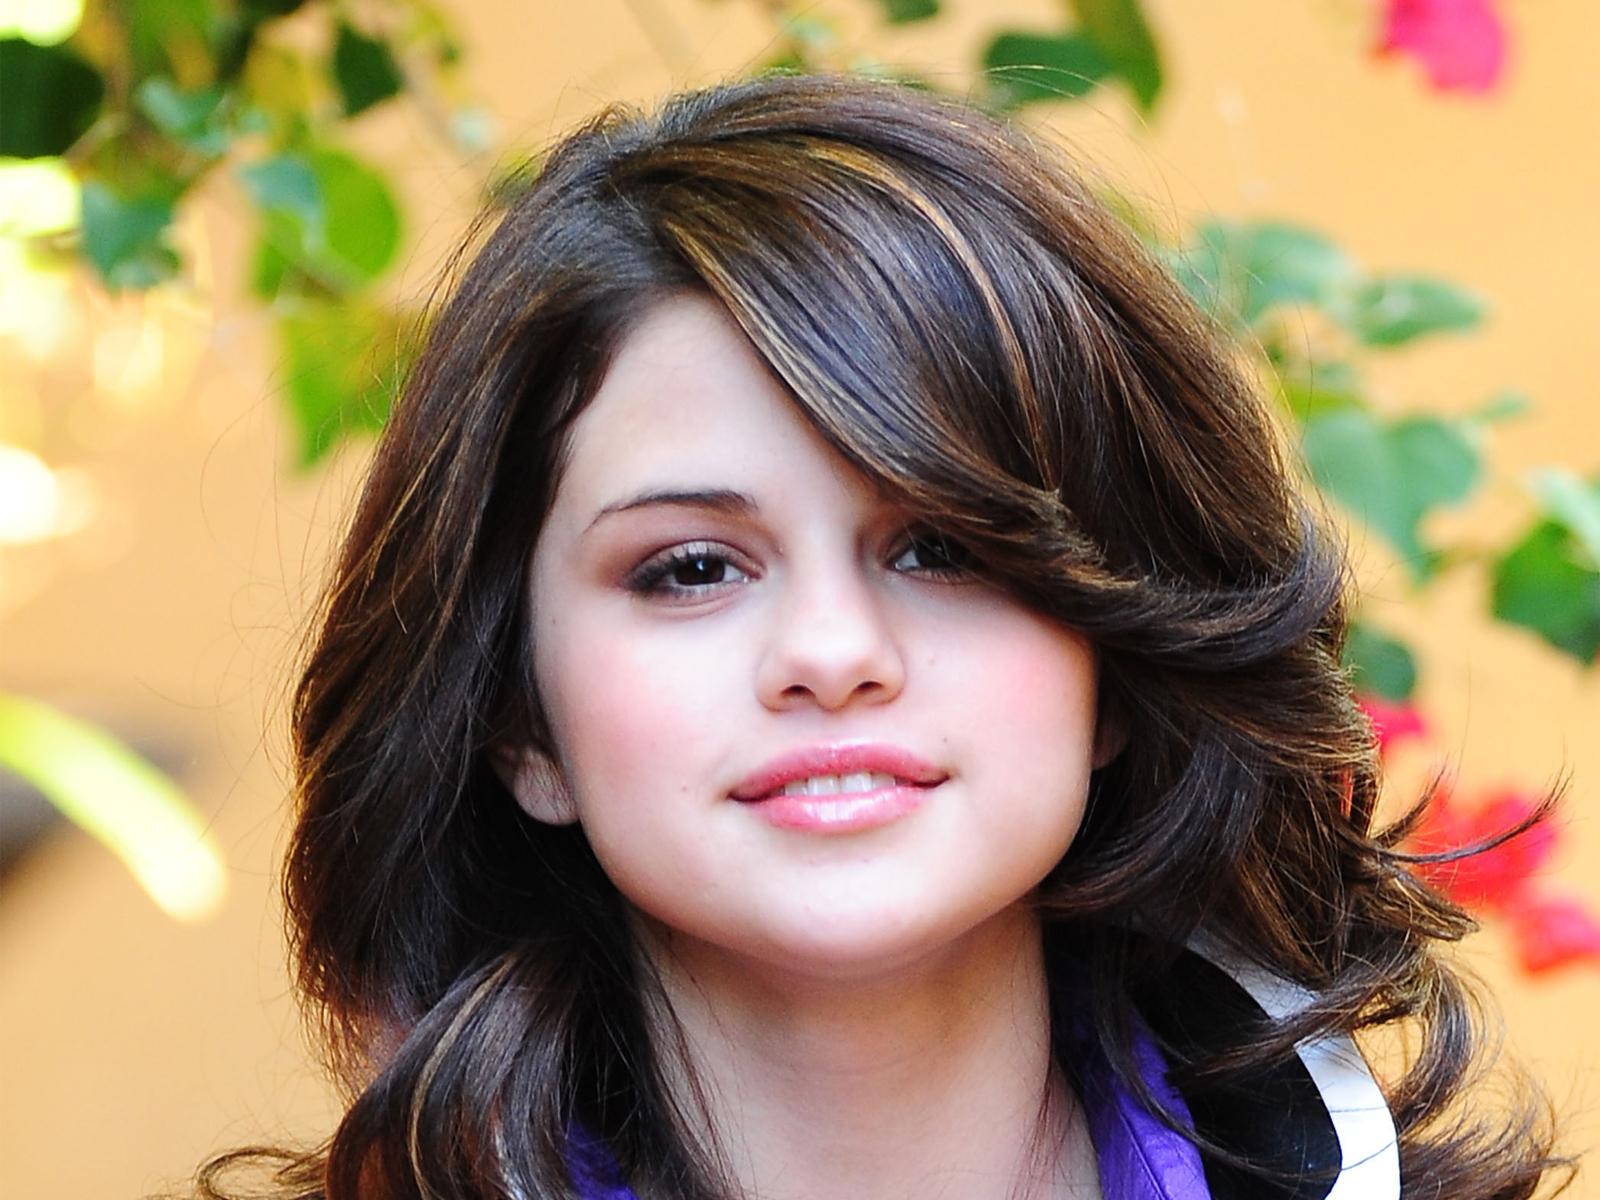 http://2.bp.blogspot.com/-ZqkHV-9uySs/TkEjPVCv9mI/AAAAAAAAEU0/r6hxnEGM2aw/s1600/kinopoisk.ru-Selena-Gomez-1010132--w--1600.jpg